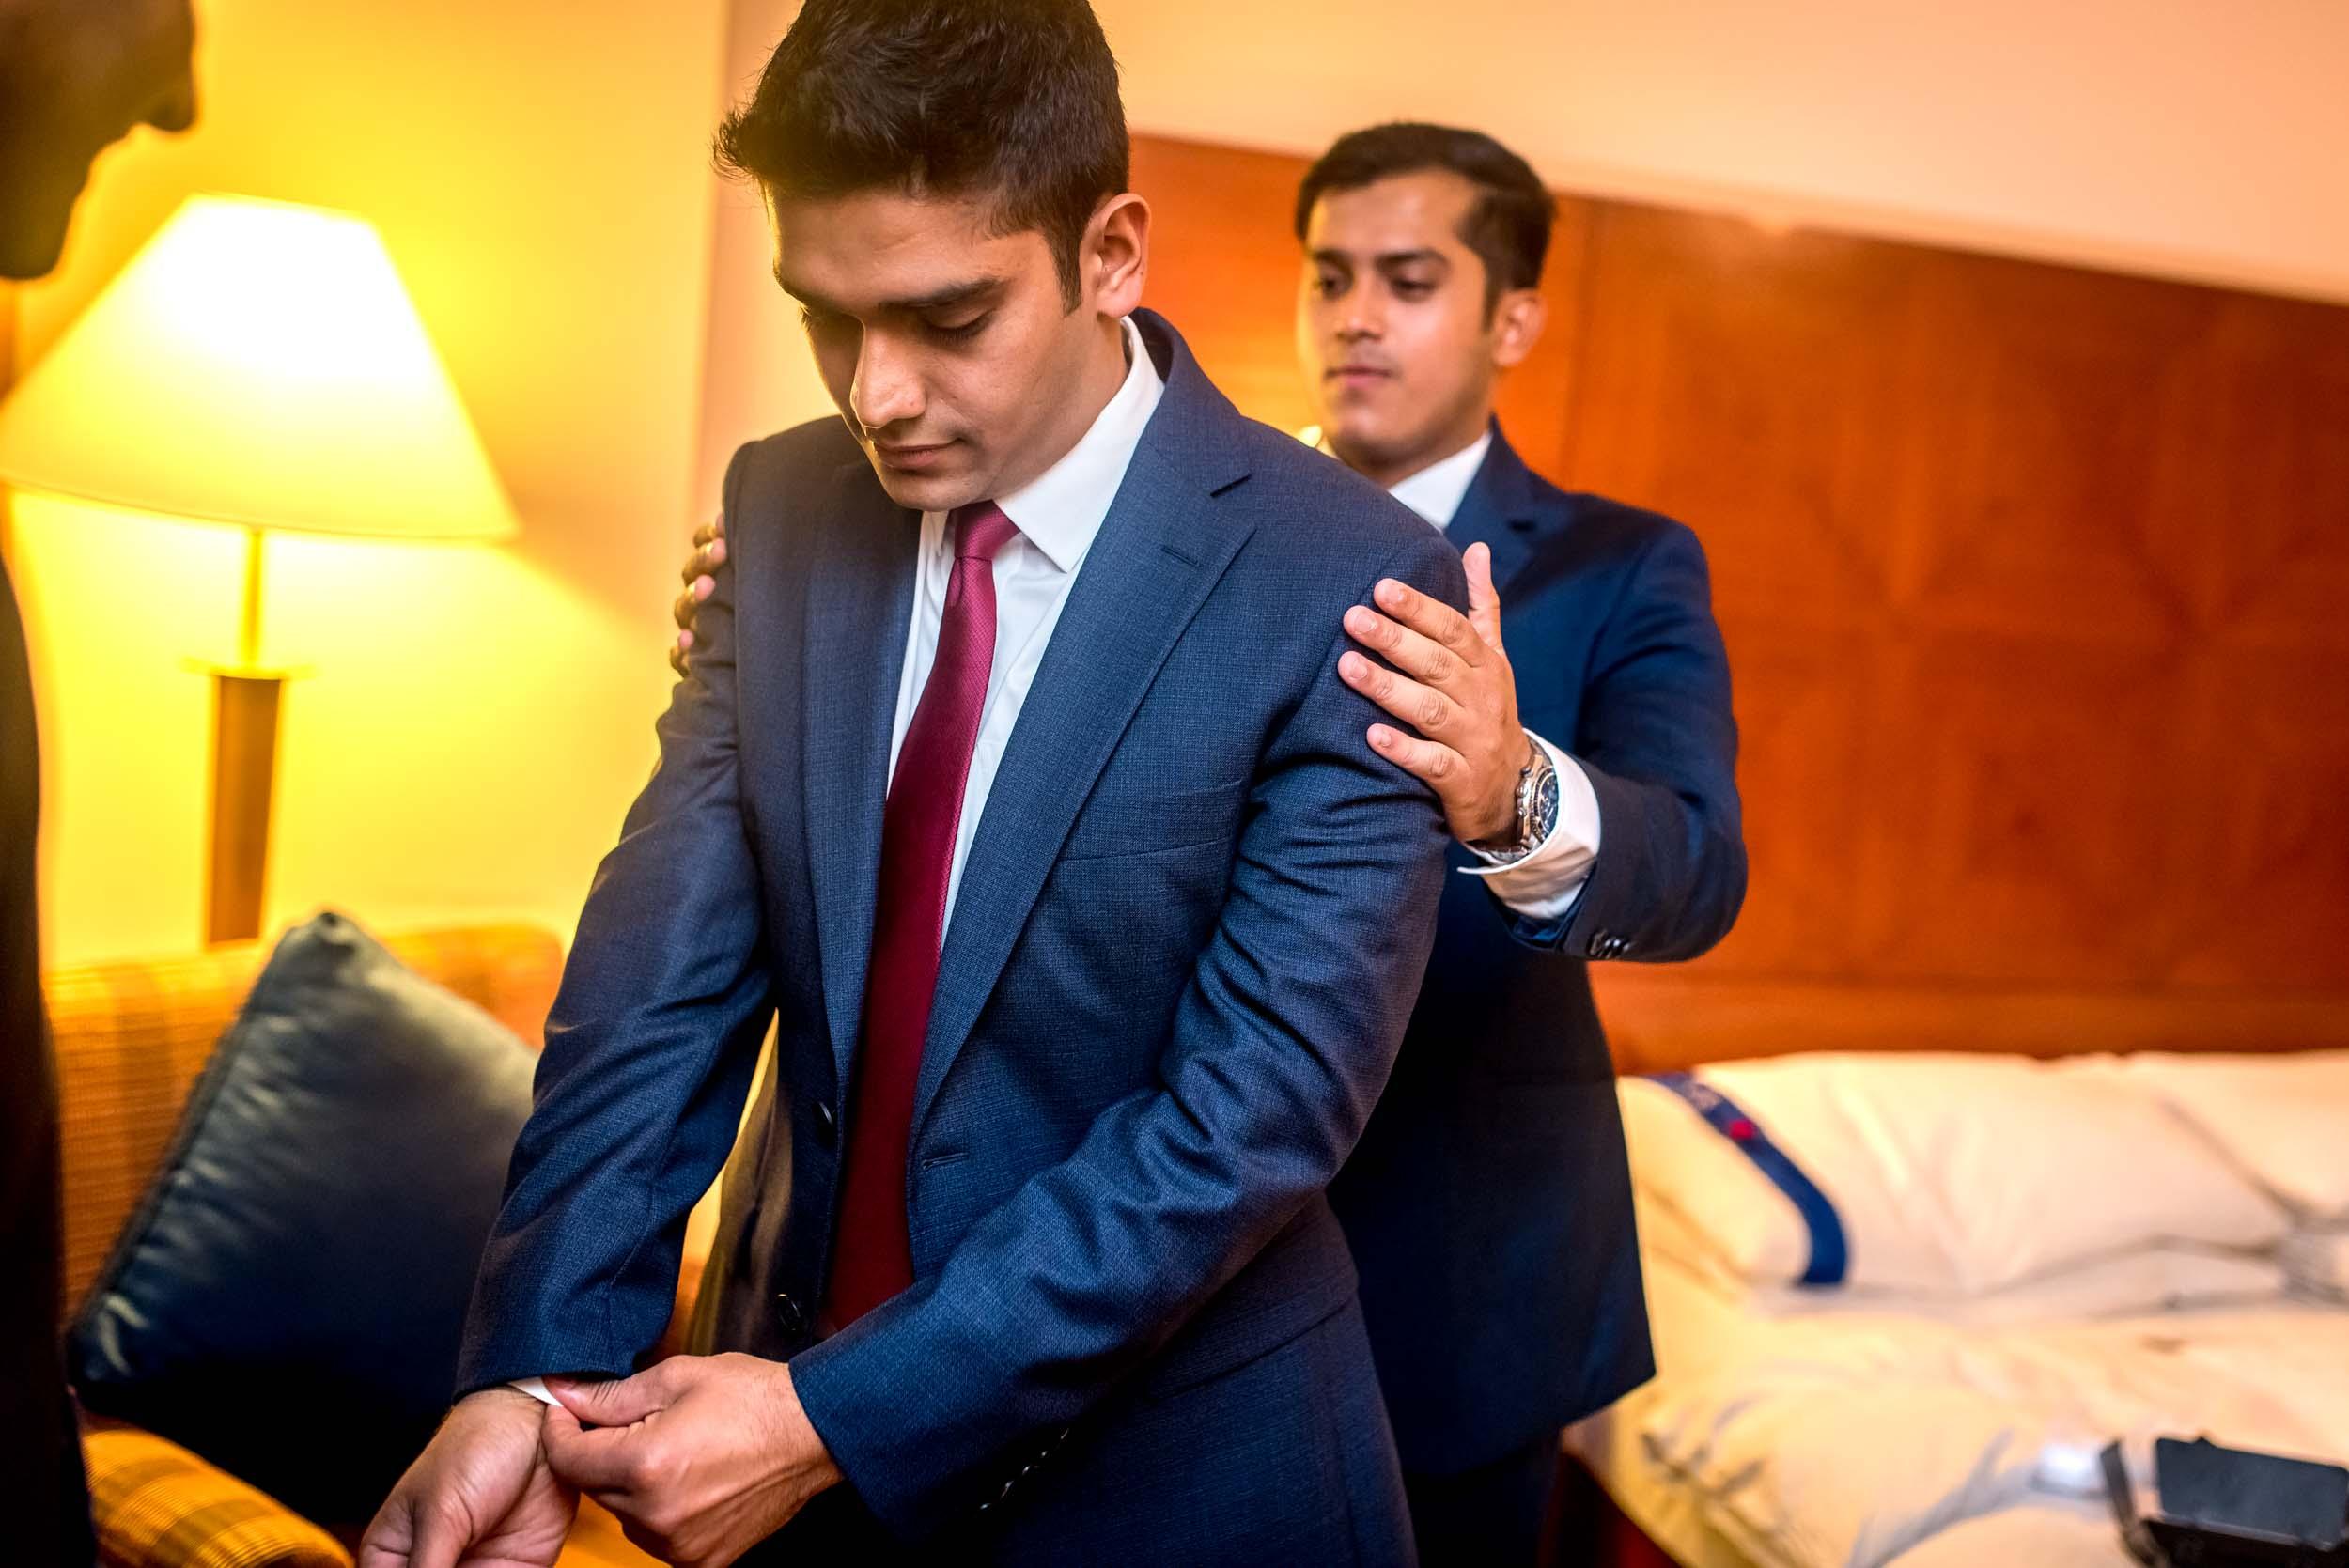 mumbai-pune-wedding-104.jpg